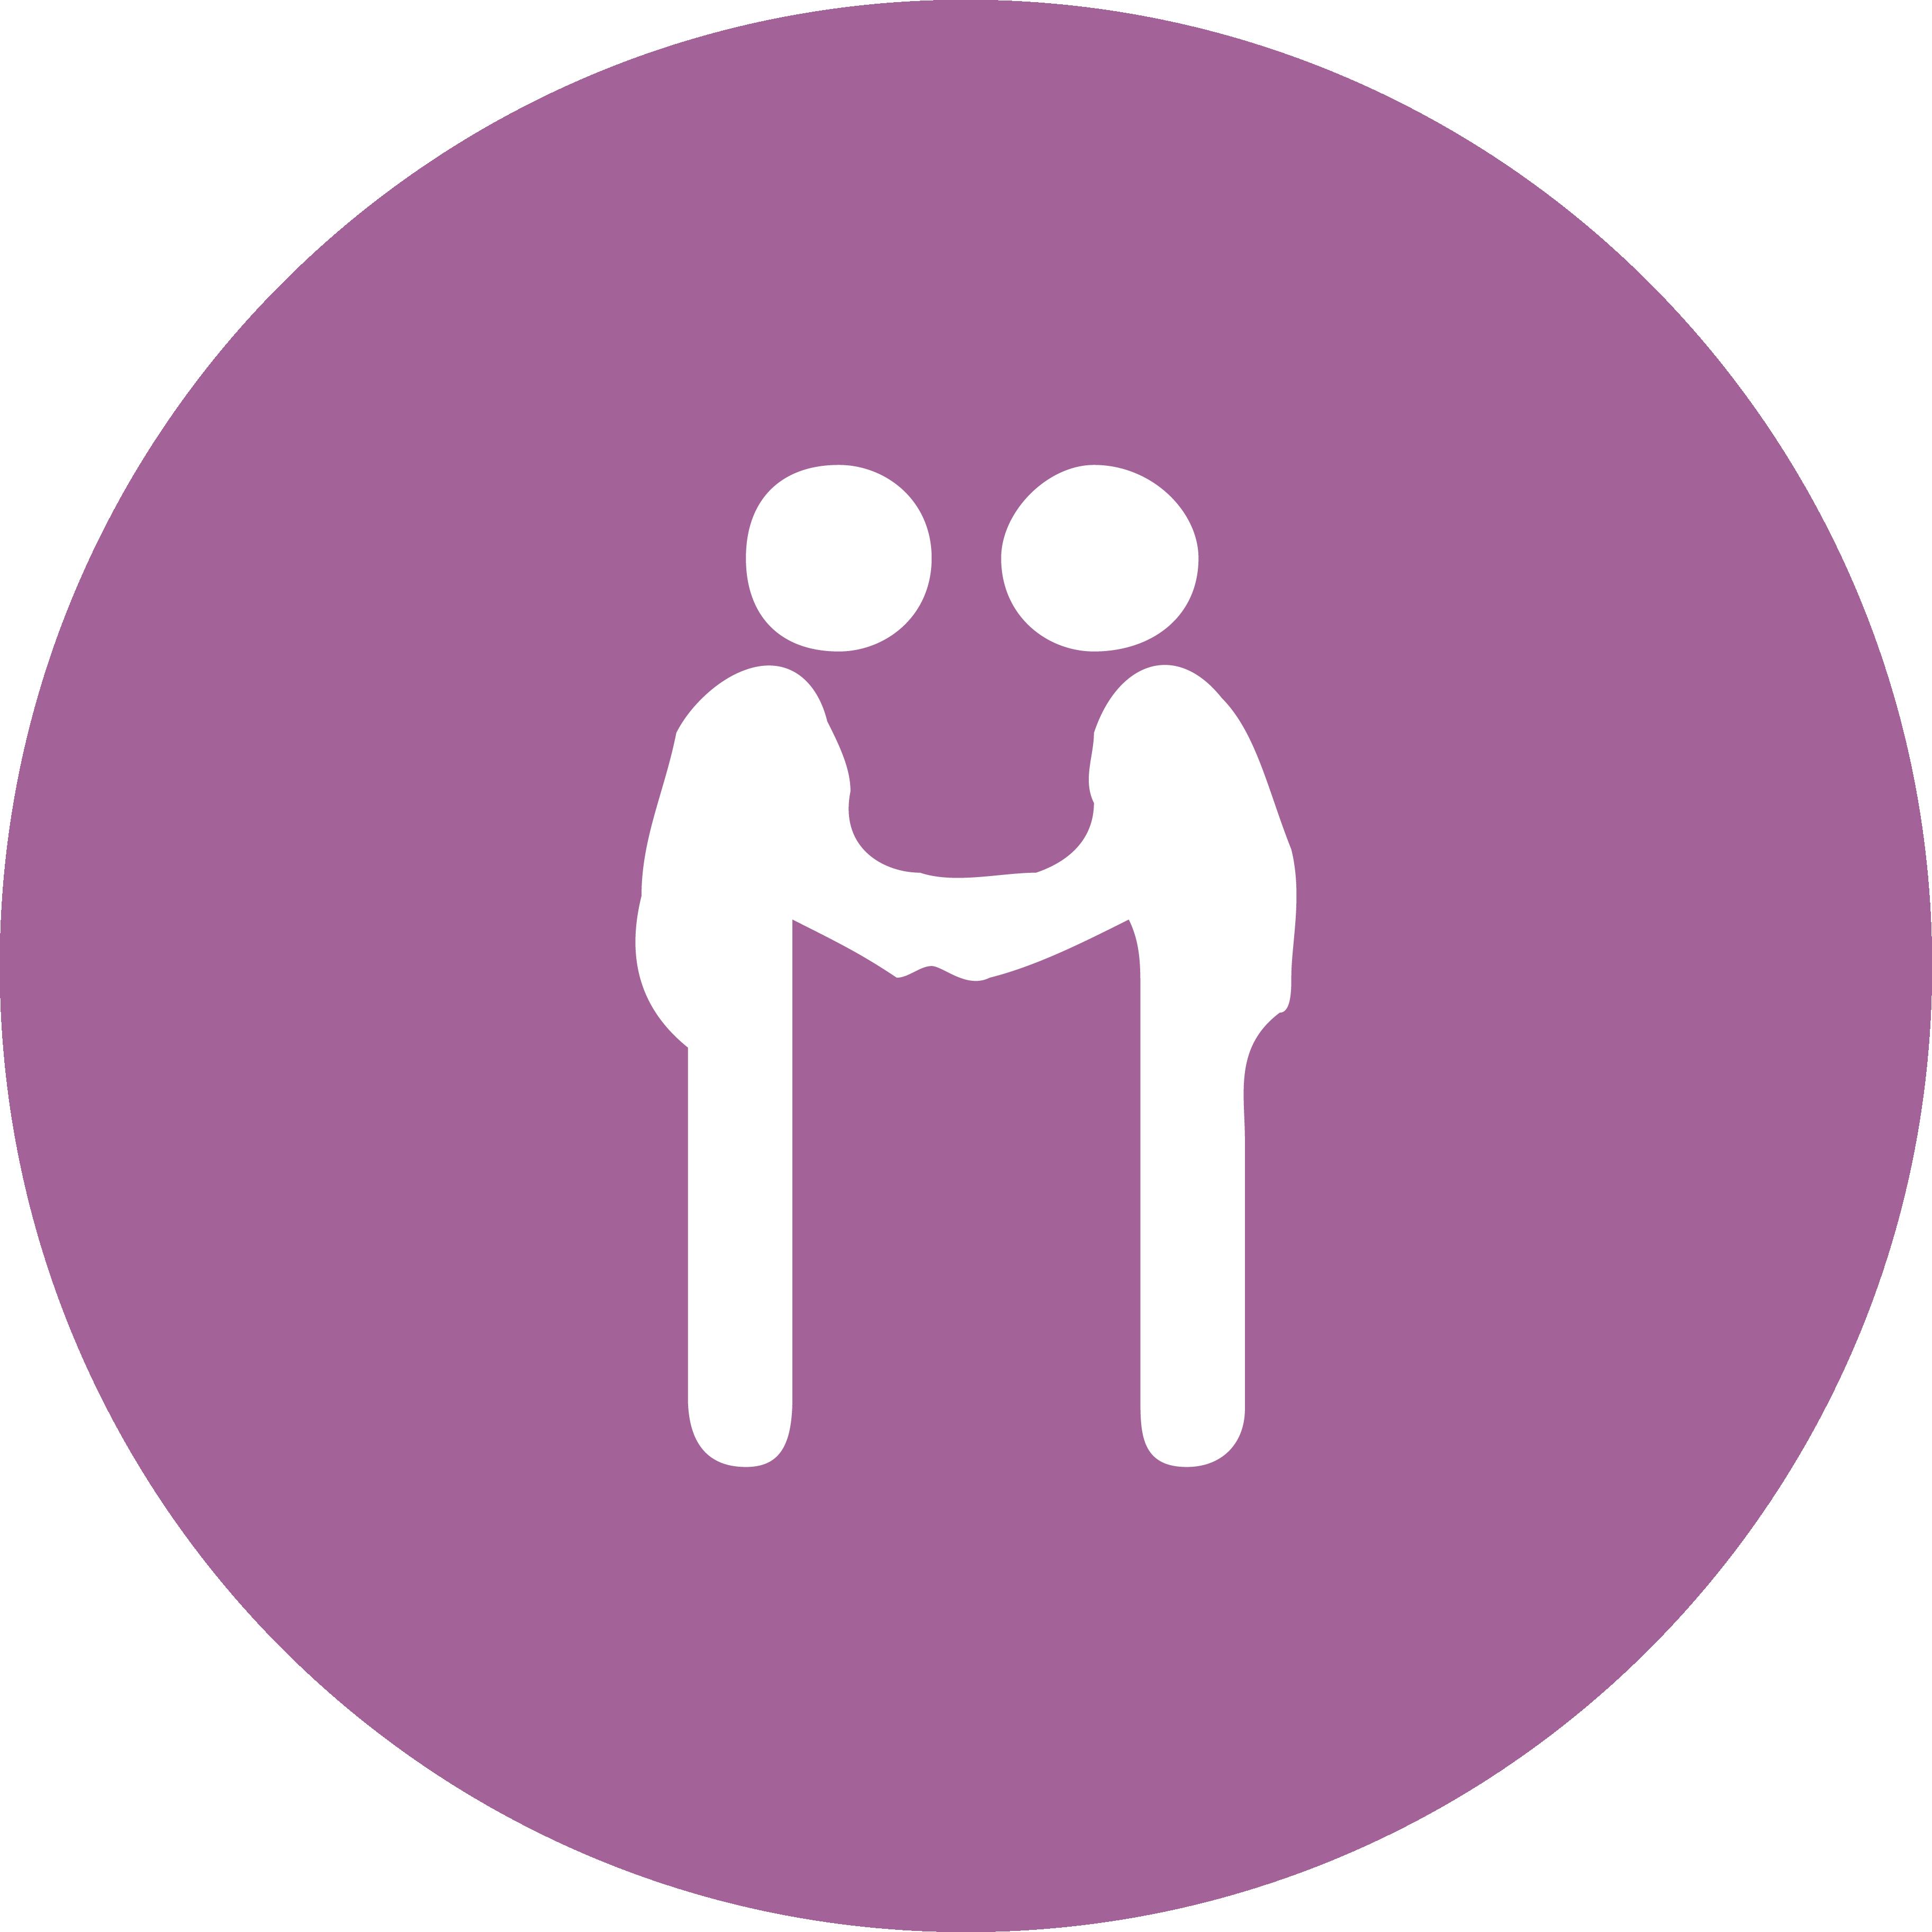 axe 3 social inclusion